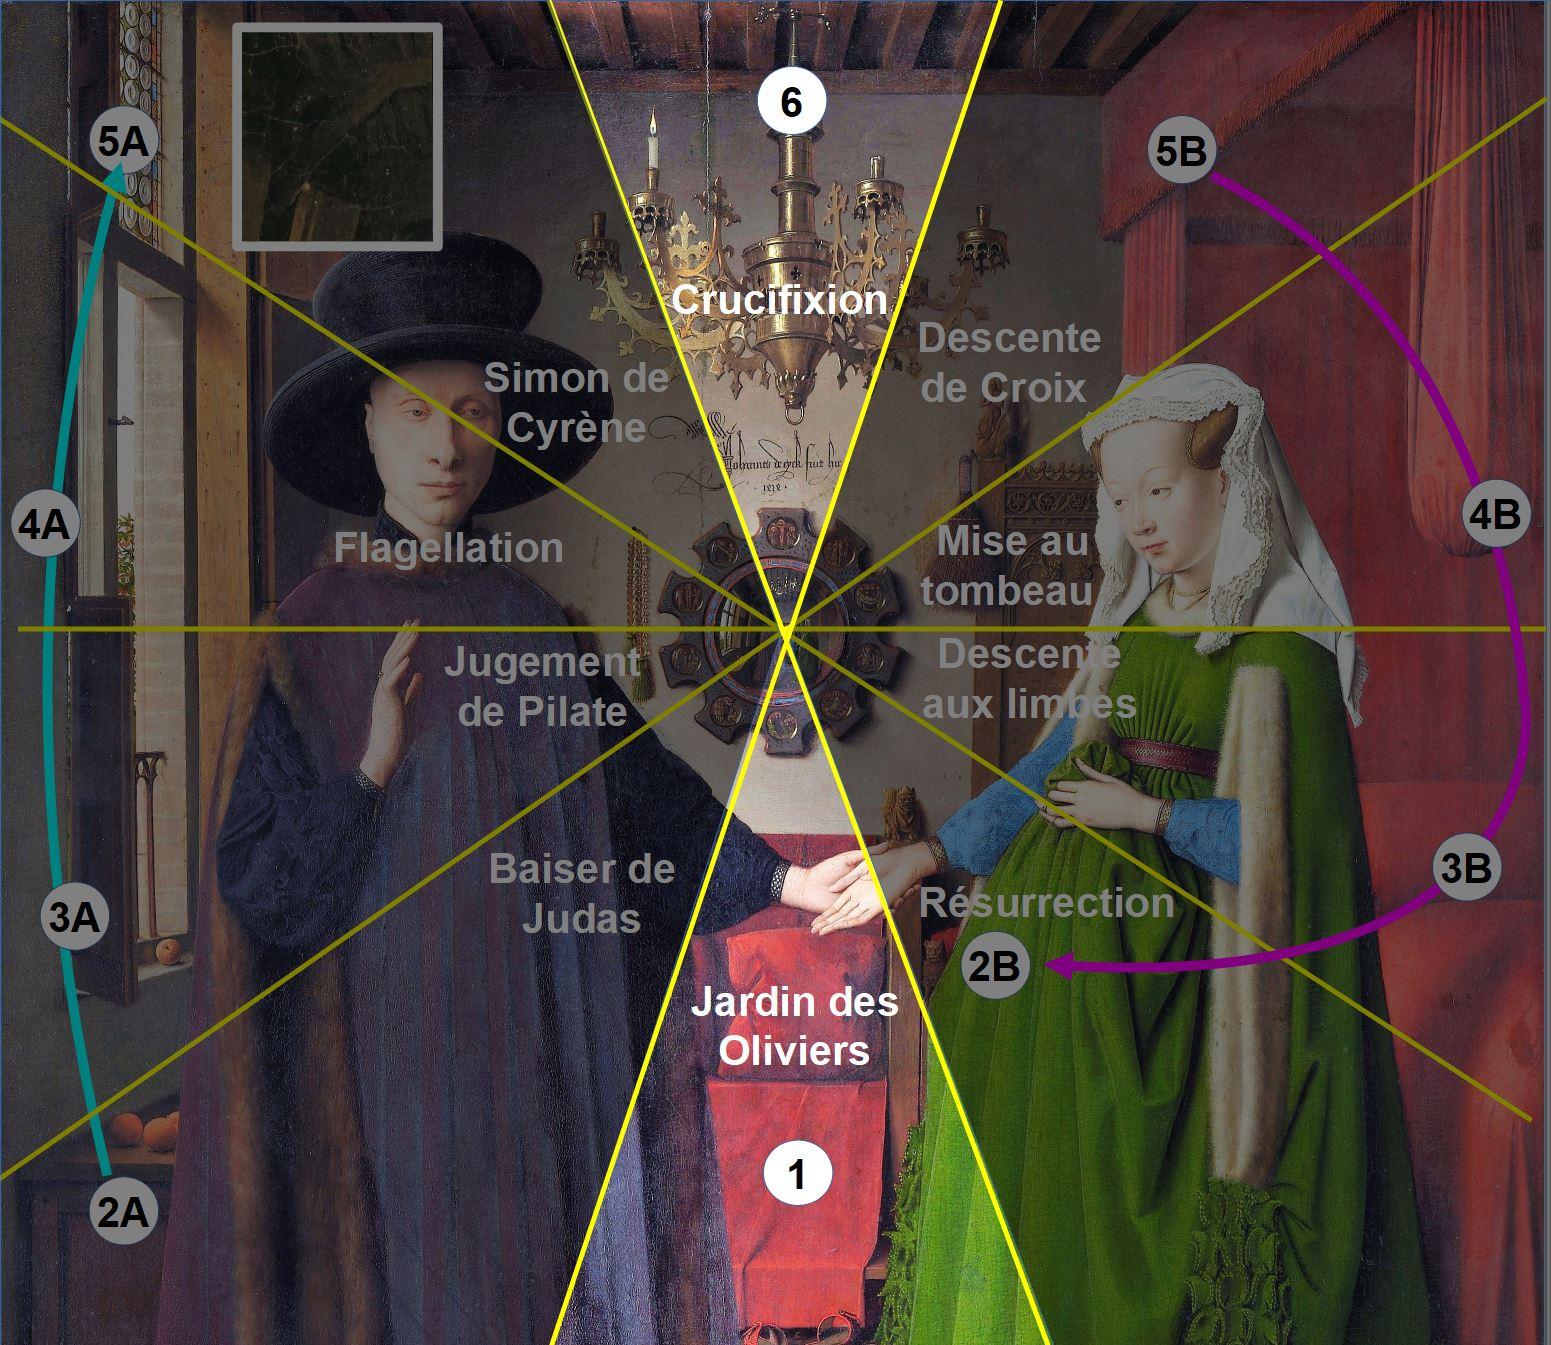 Van_Eyck 1434 _Arnolfini_Portrait schema rayons complet